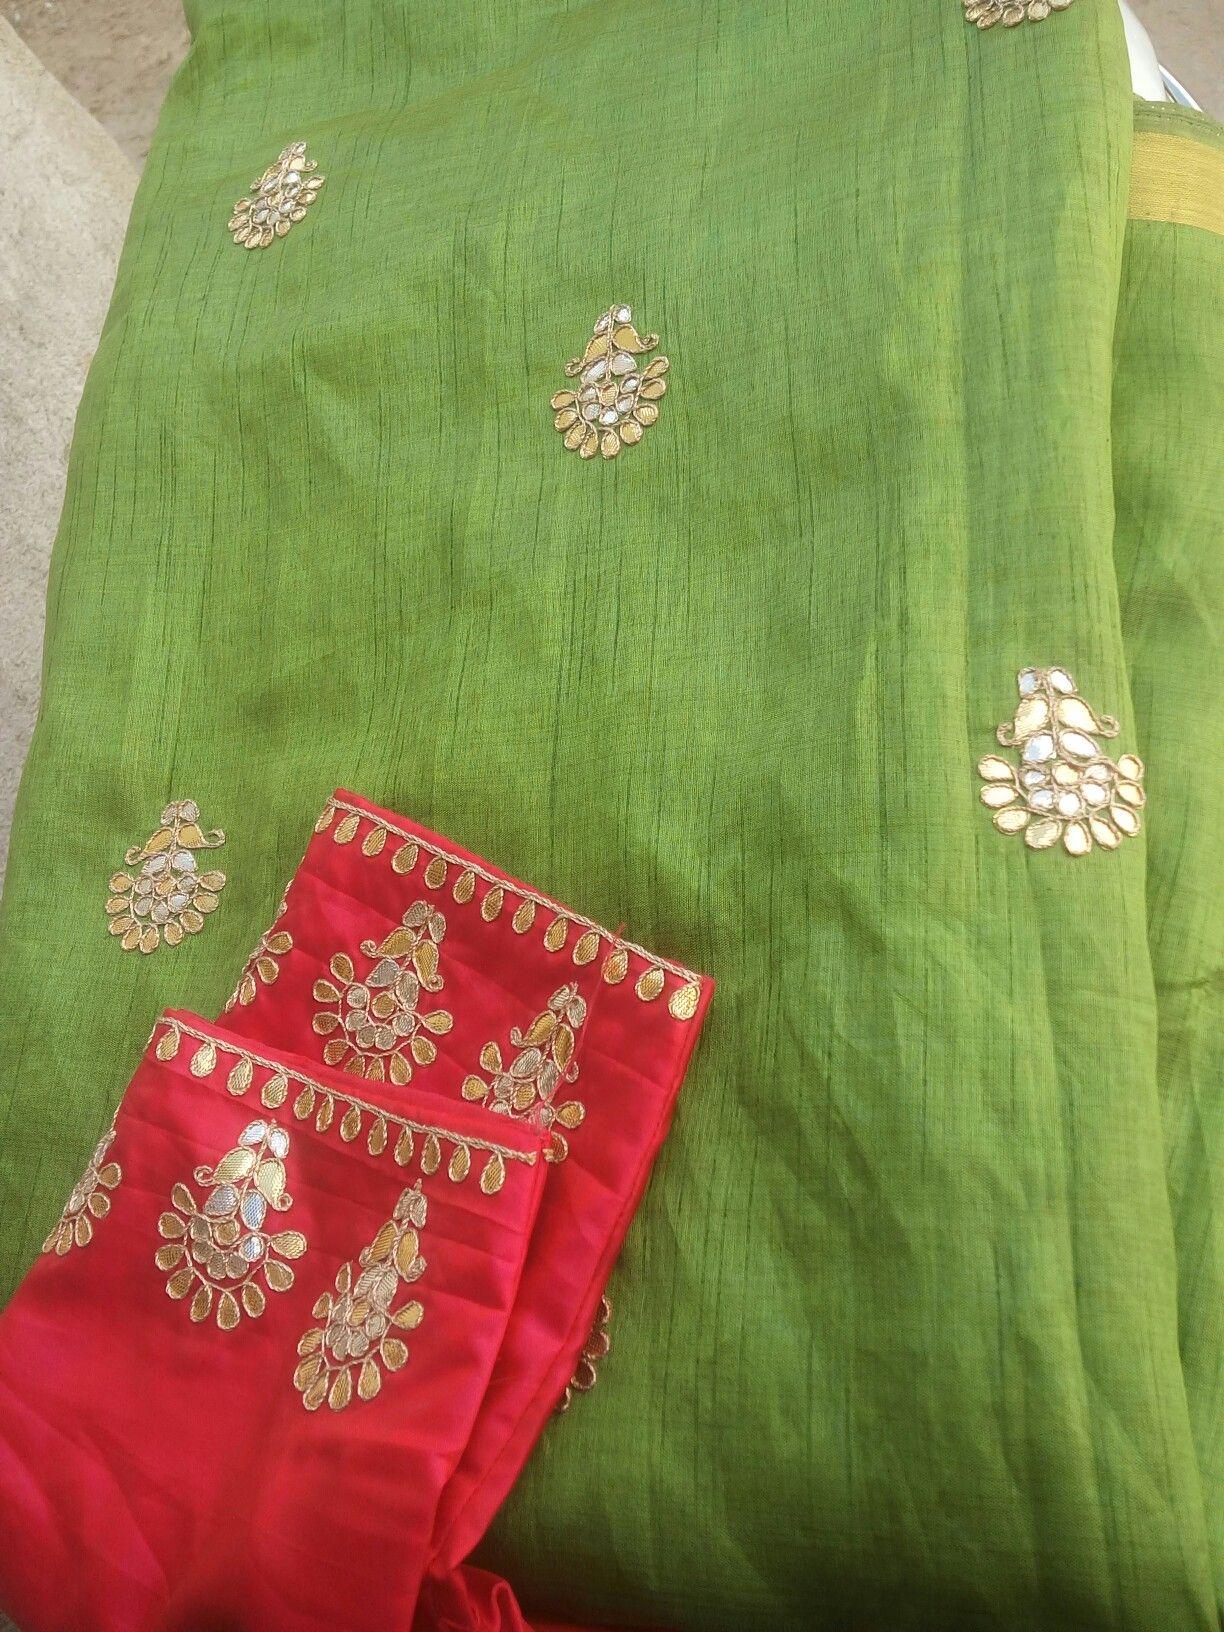 Saree blouse design patch work silk gota work saree  closet  pinterest  saree silk and blouse